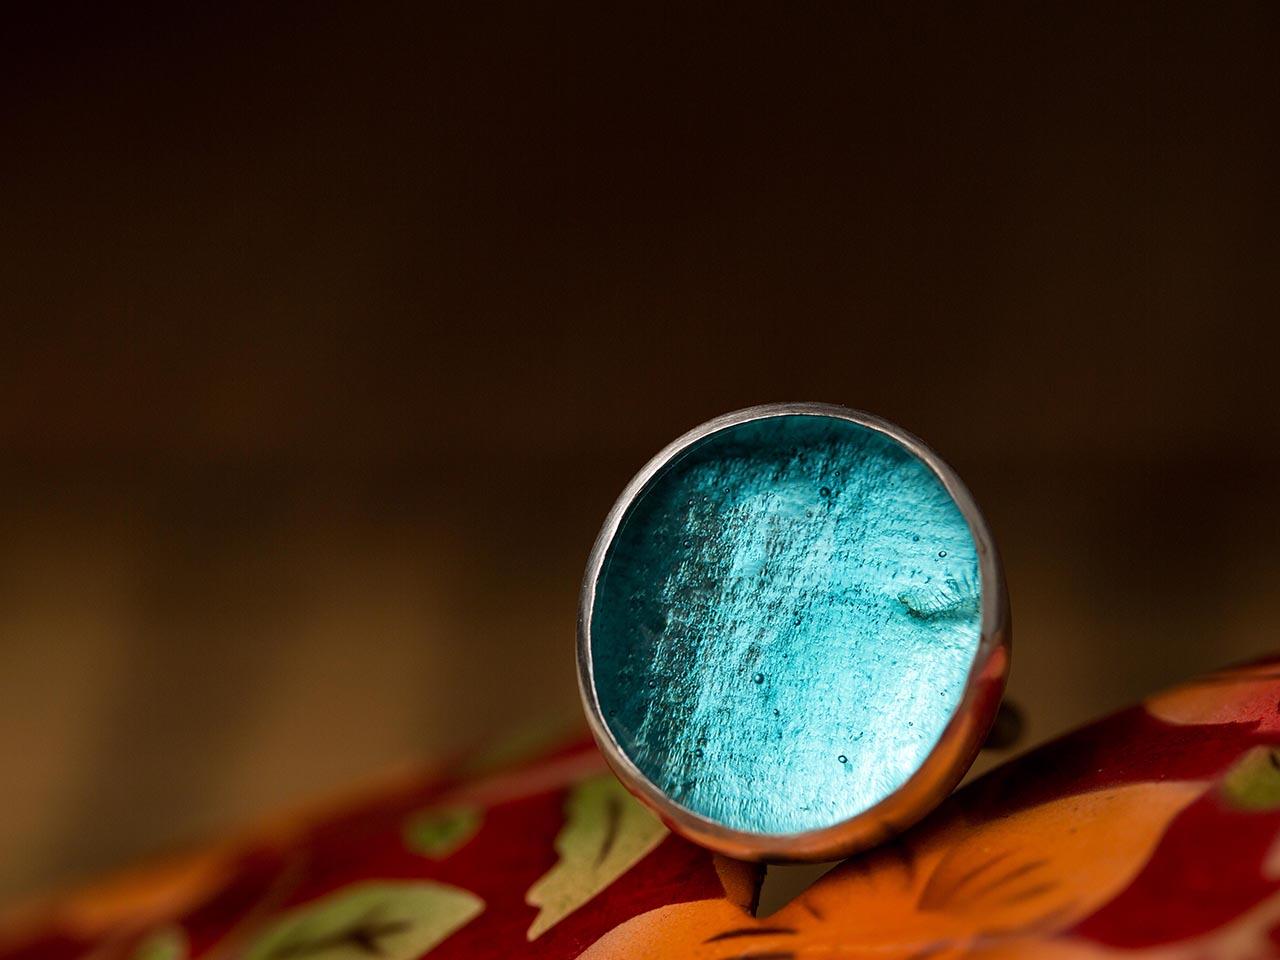 δαχτυλίδι παστίλια γαλάζια άκουα μαρίνα